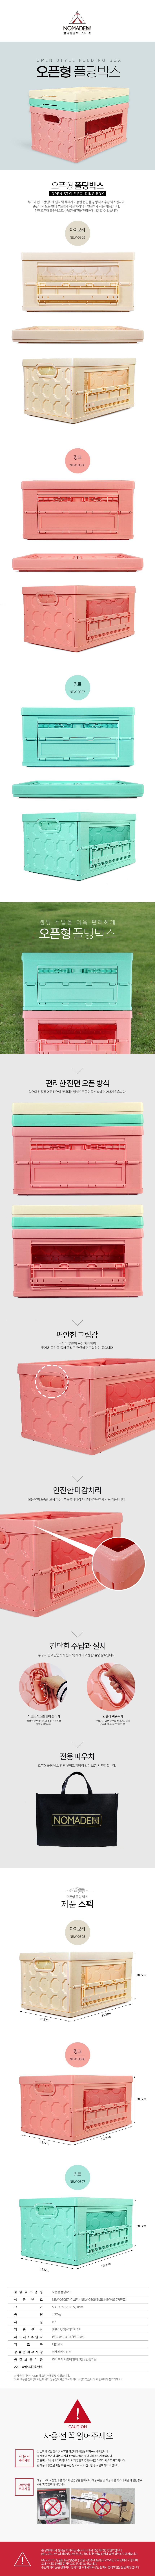 노마드 오픈형 폴딩박스 핑크